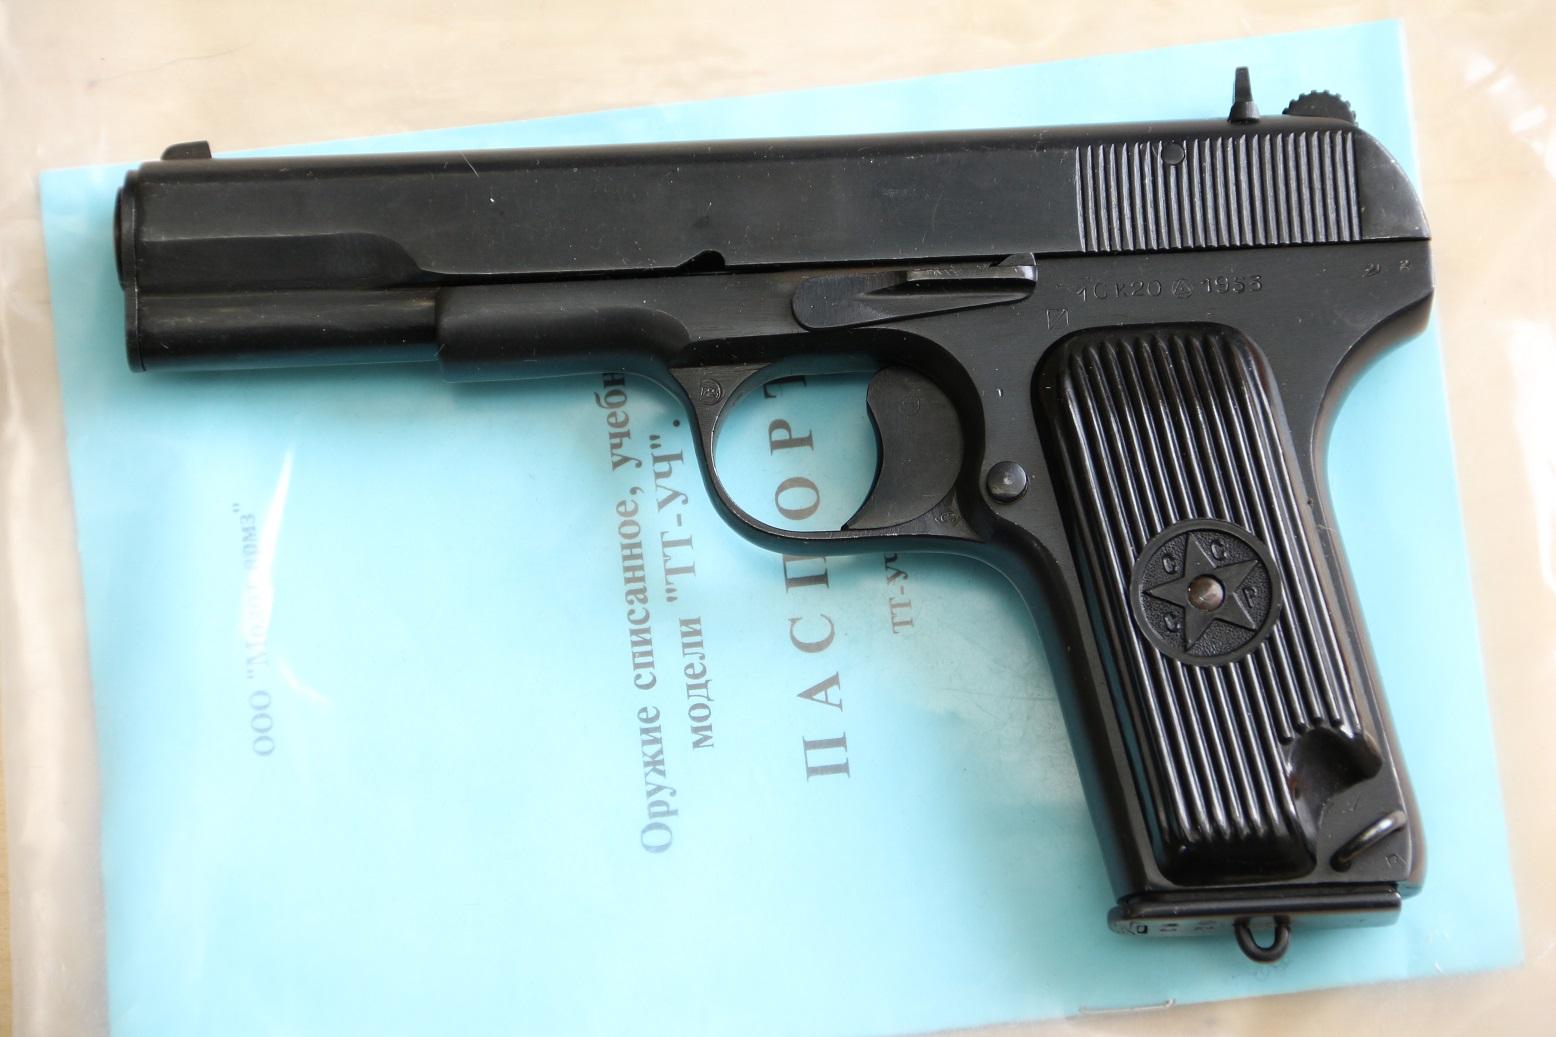 Пистолет ТТ-УЧ Молот Армз, 1953 год, №СК20